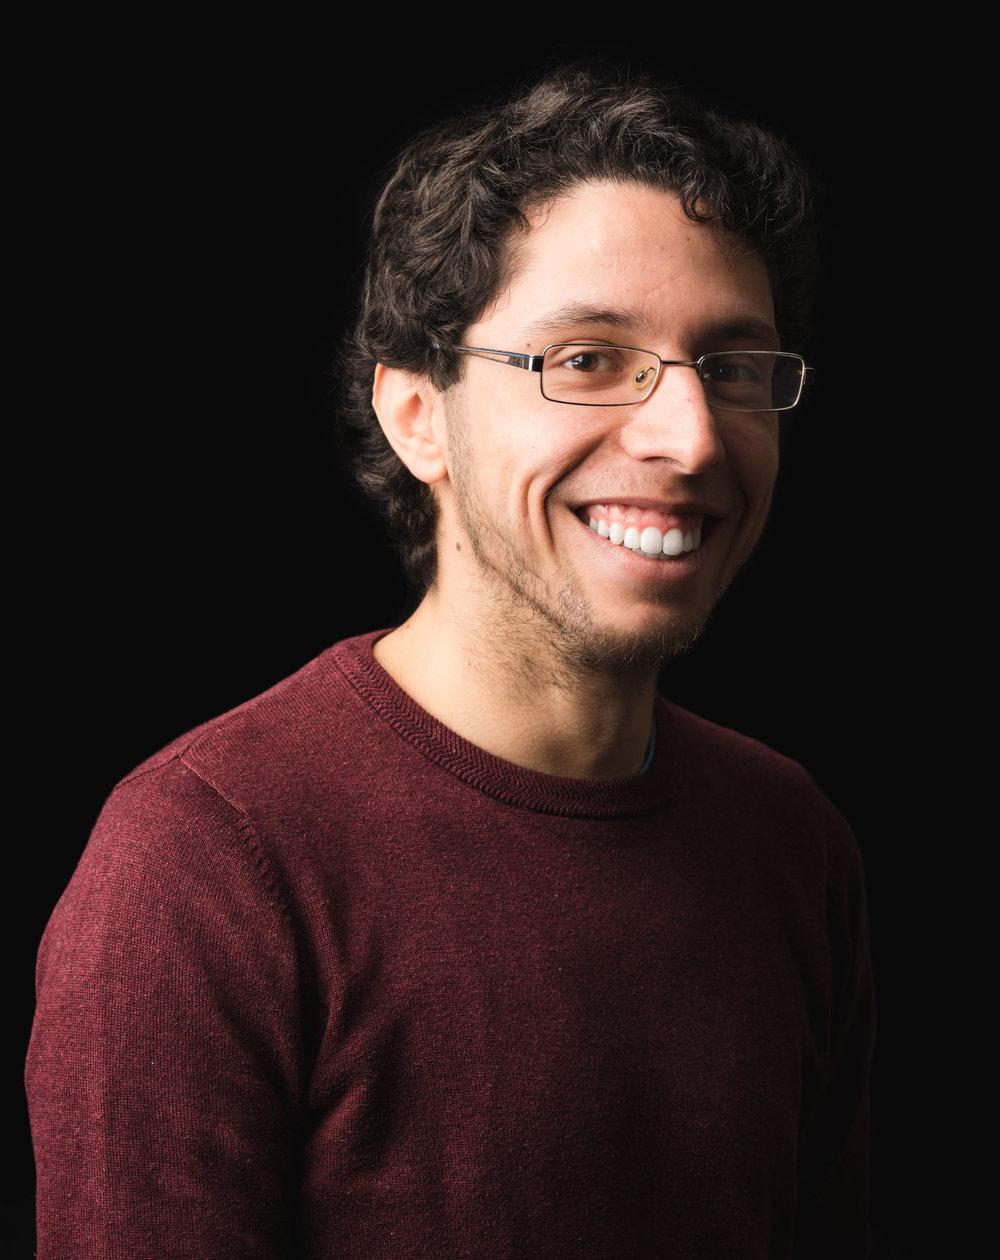 Jorge Louro Mota